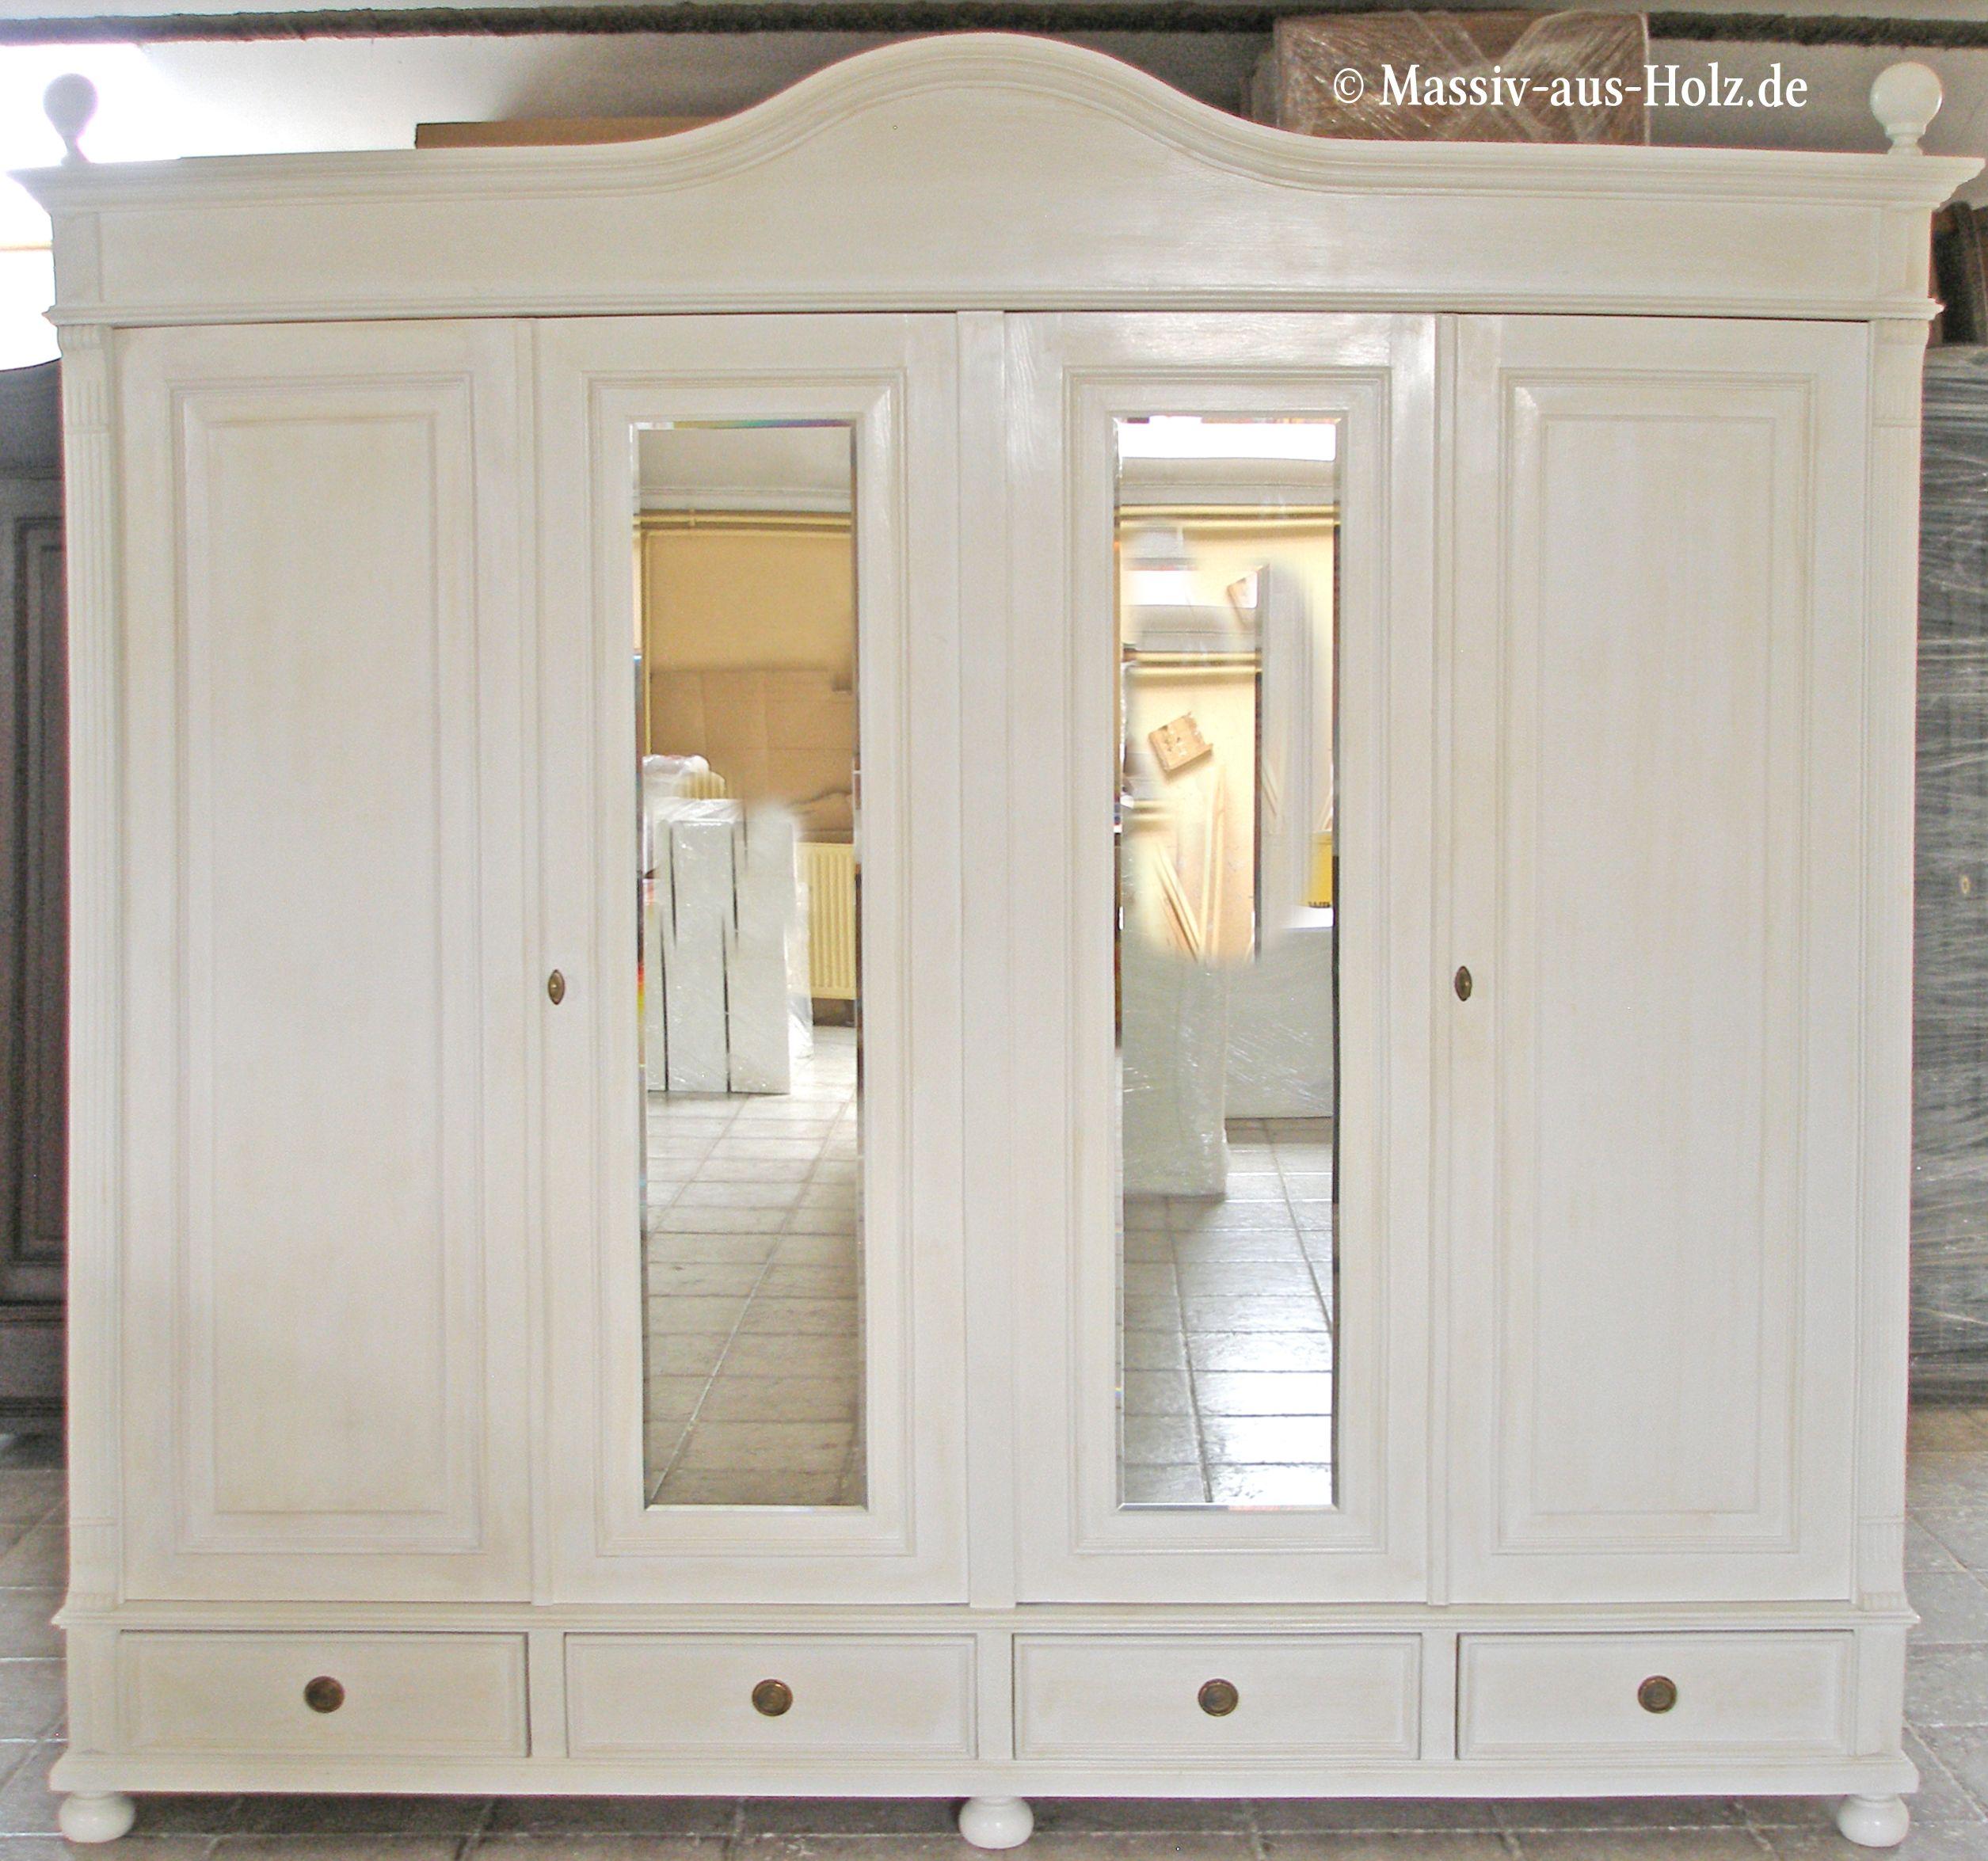 Grosser Kleiderschrank Im Landhausstil Hochwertig Und Romantisch